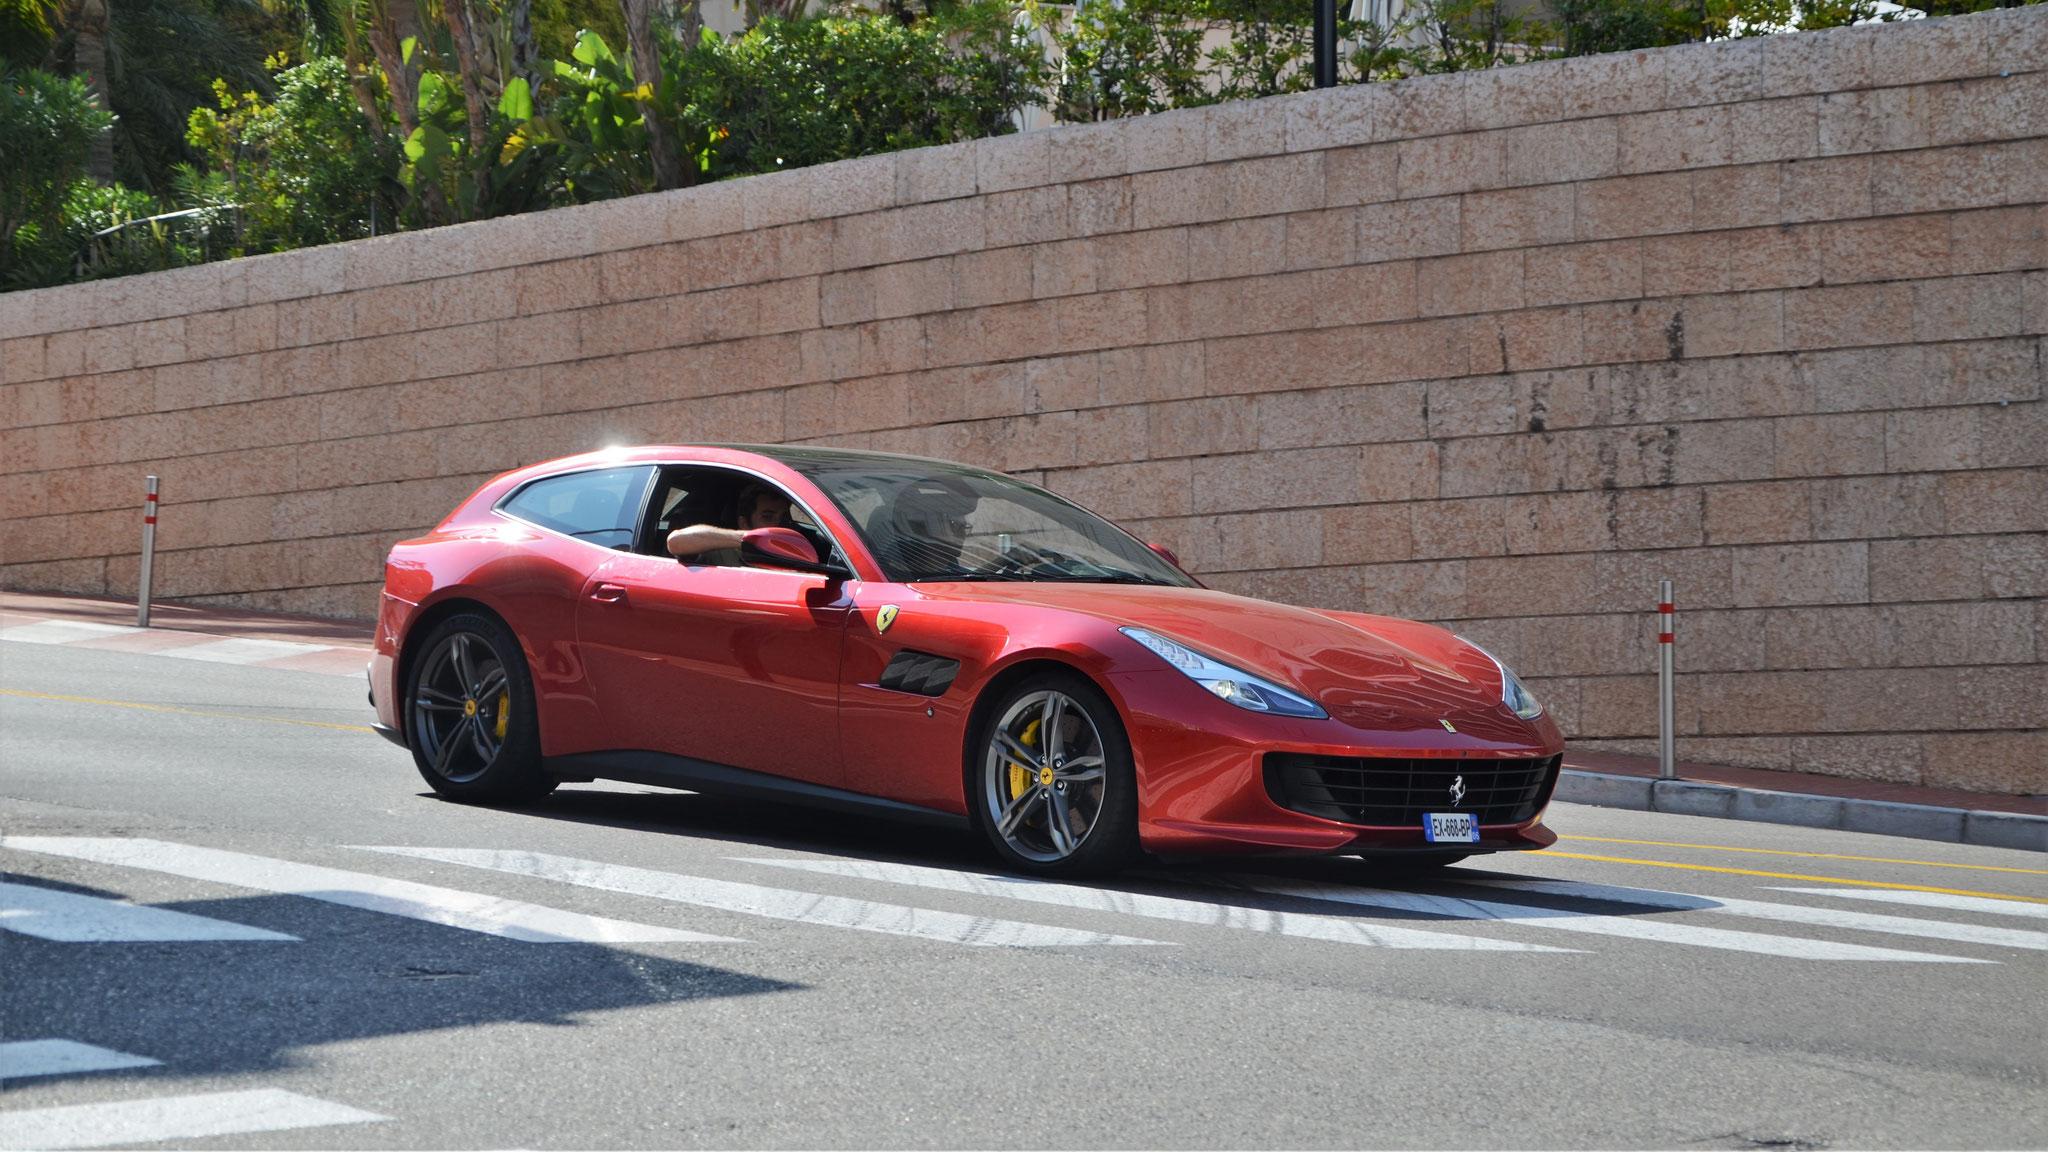 Ferrari GTC4 Lusso - EX-668-BP-06 (FRA)